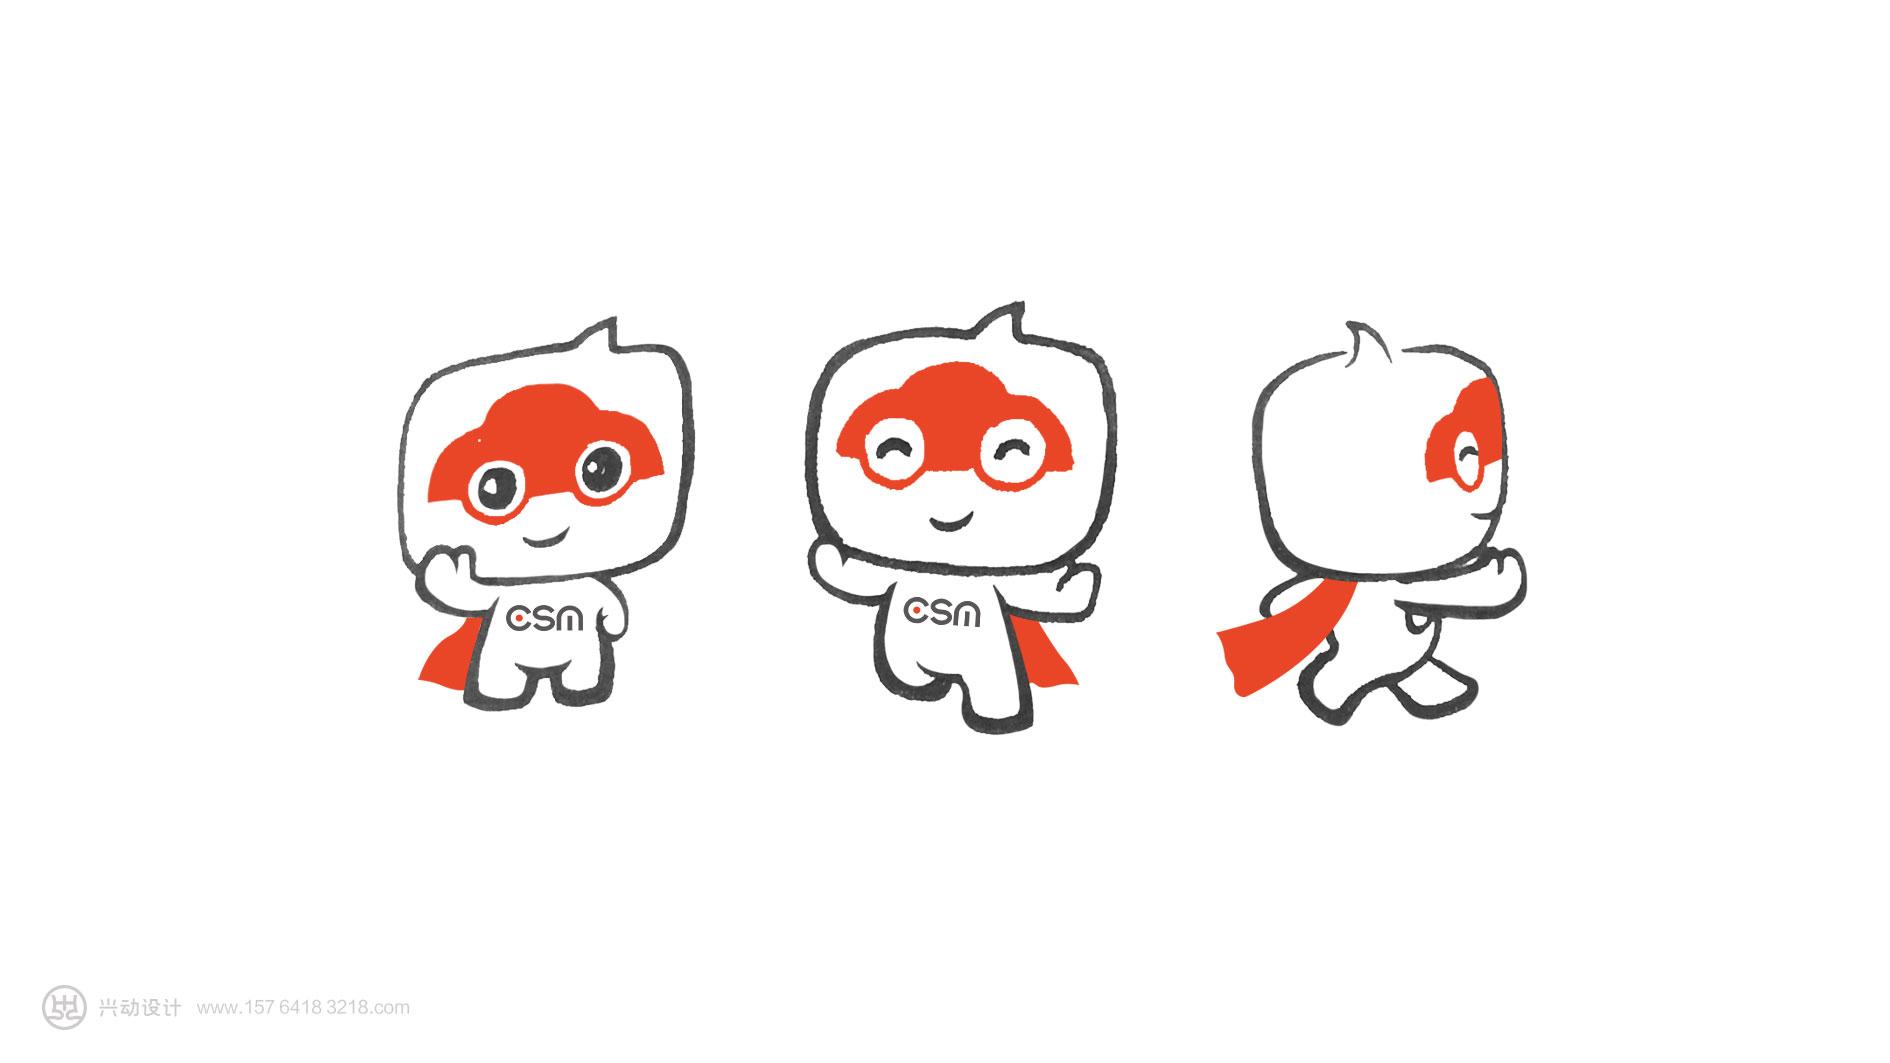 传媒公司吉祥物设计